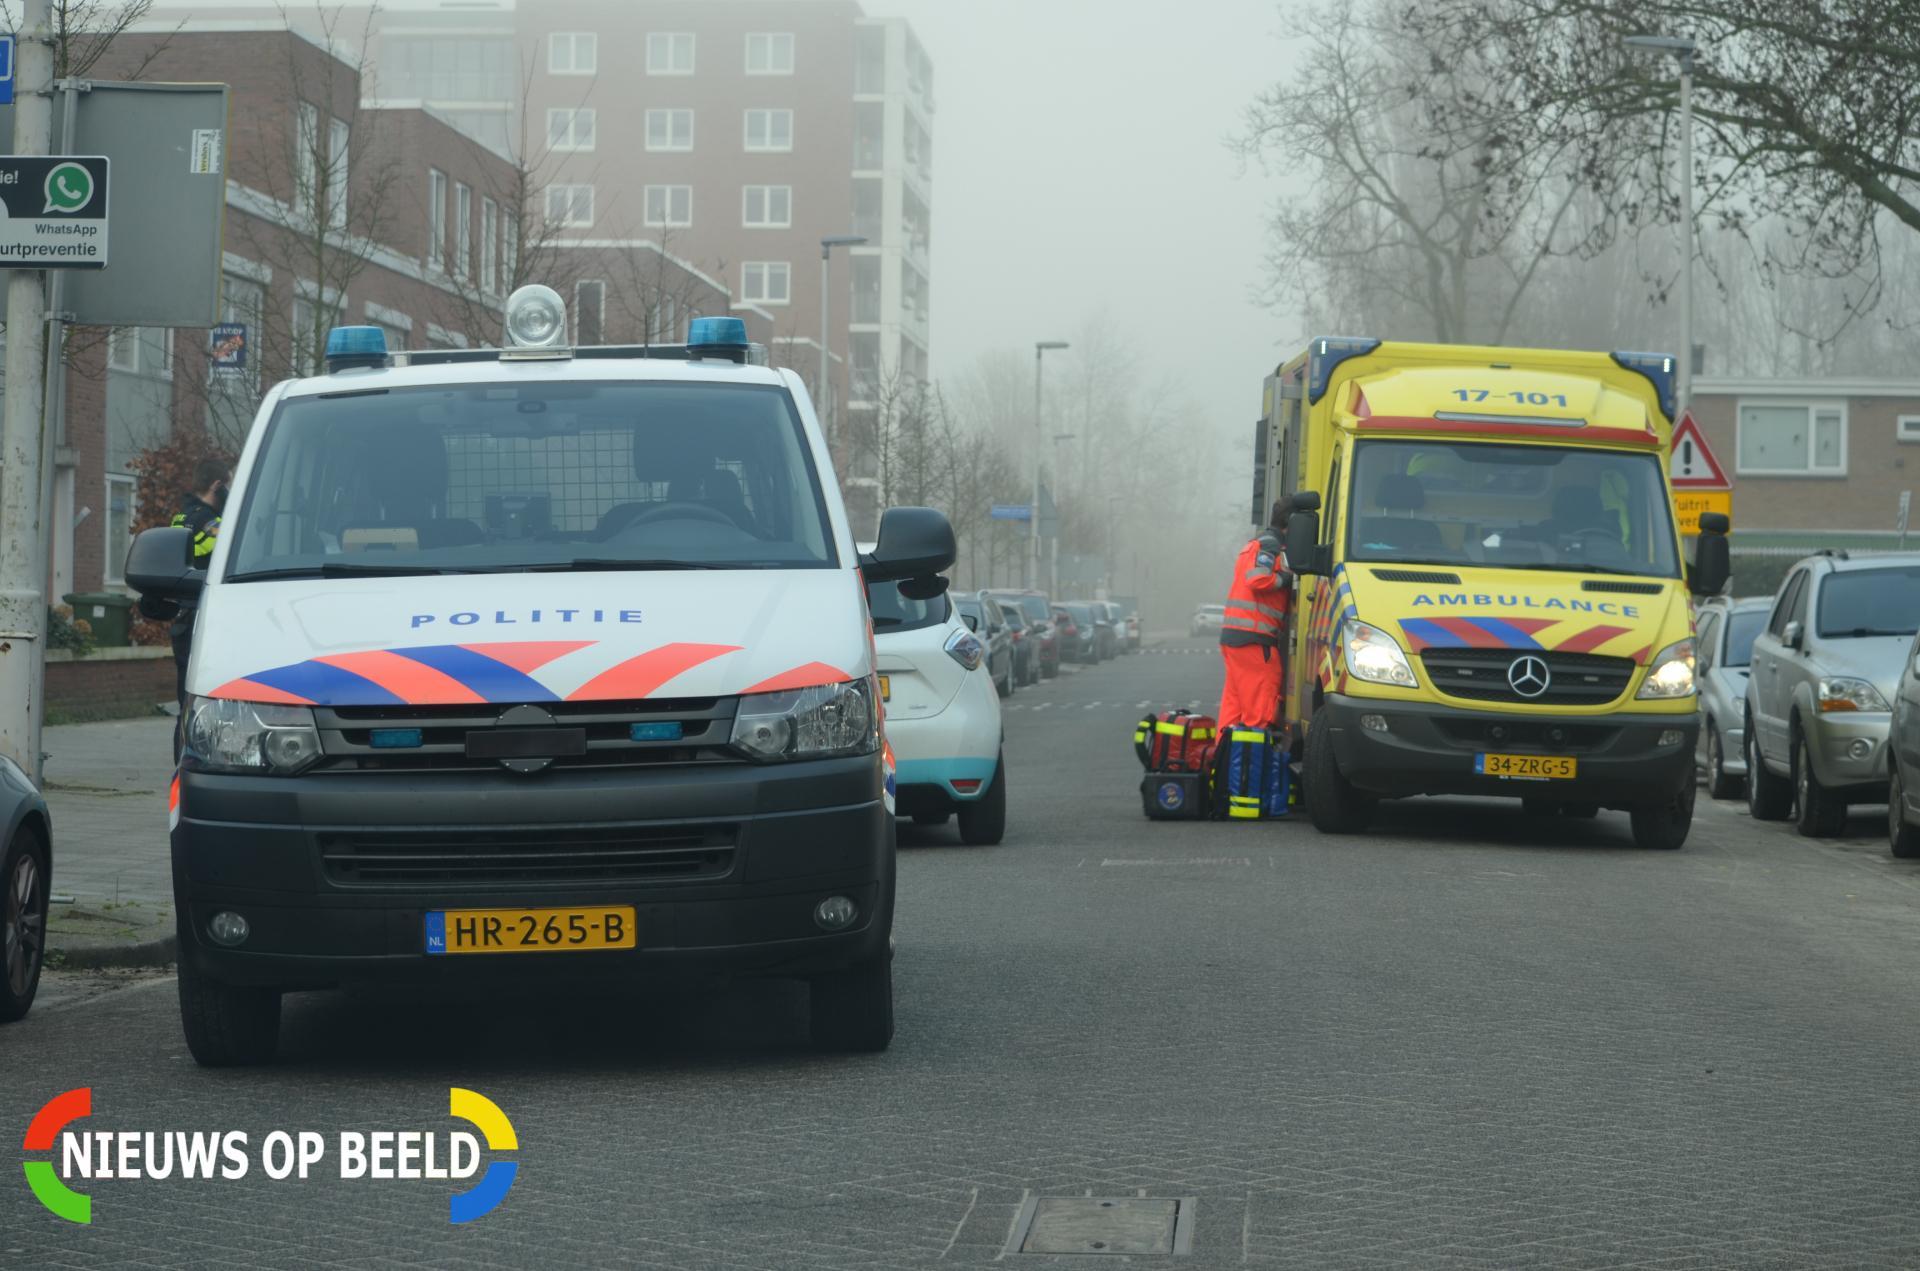 Persoon ernstig gewond na steekpartij Asserweg Rotterdam